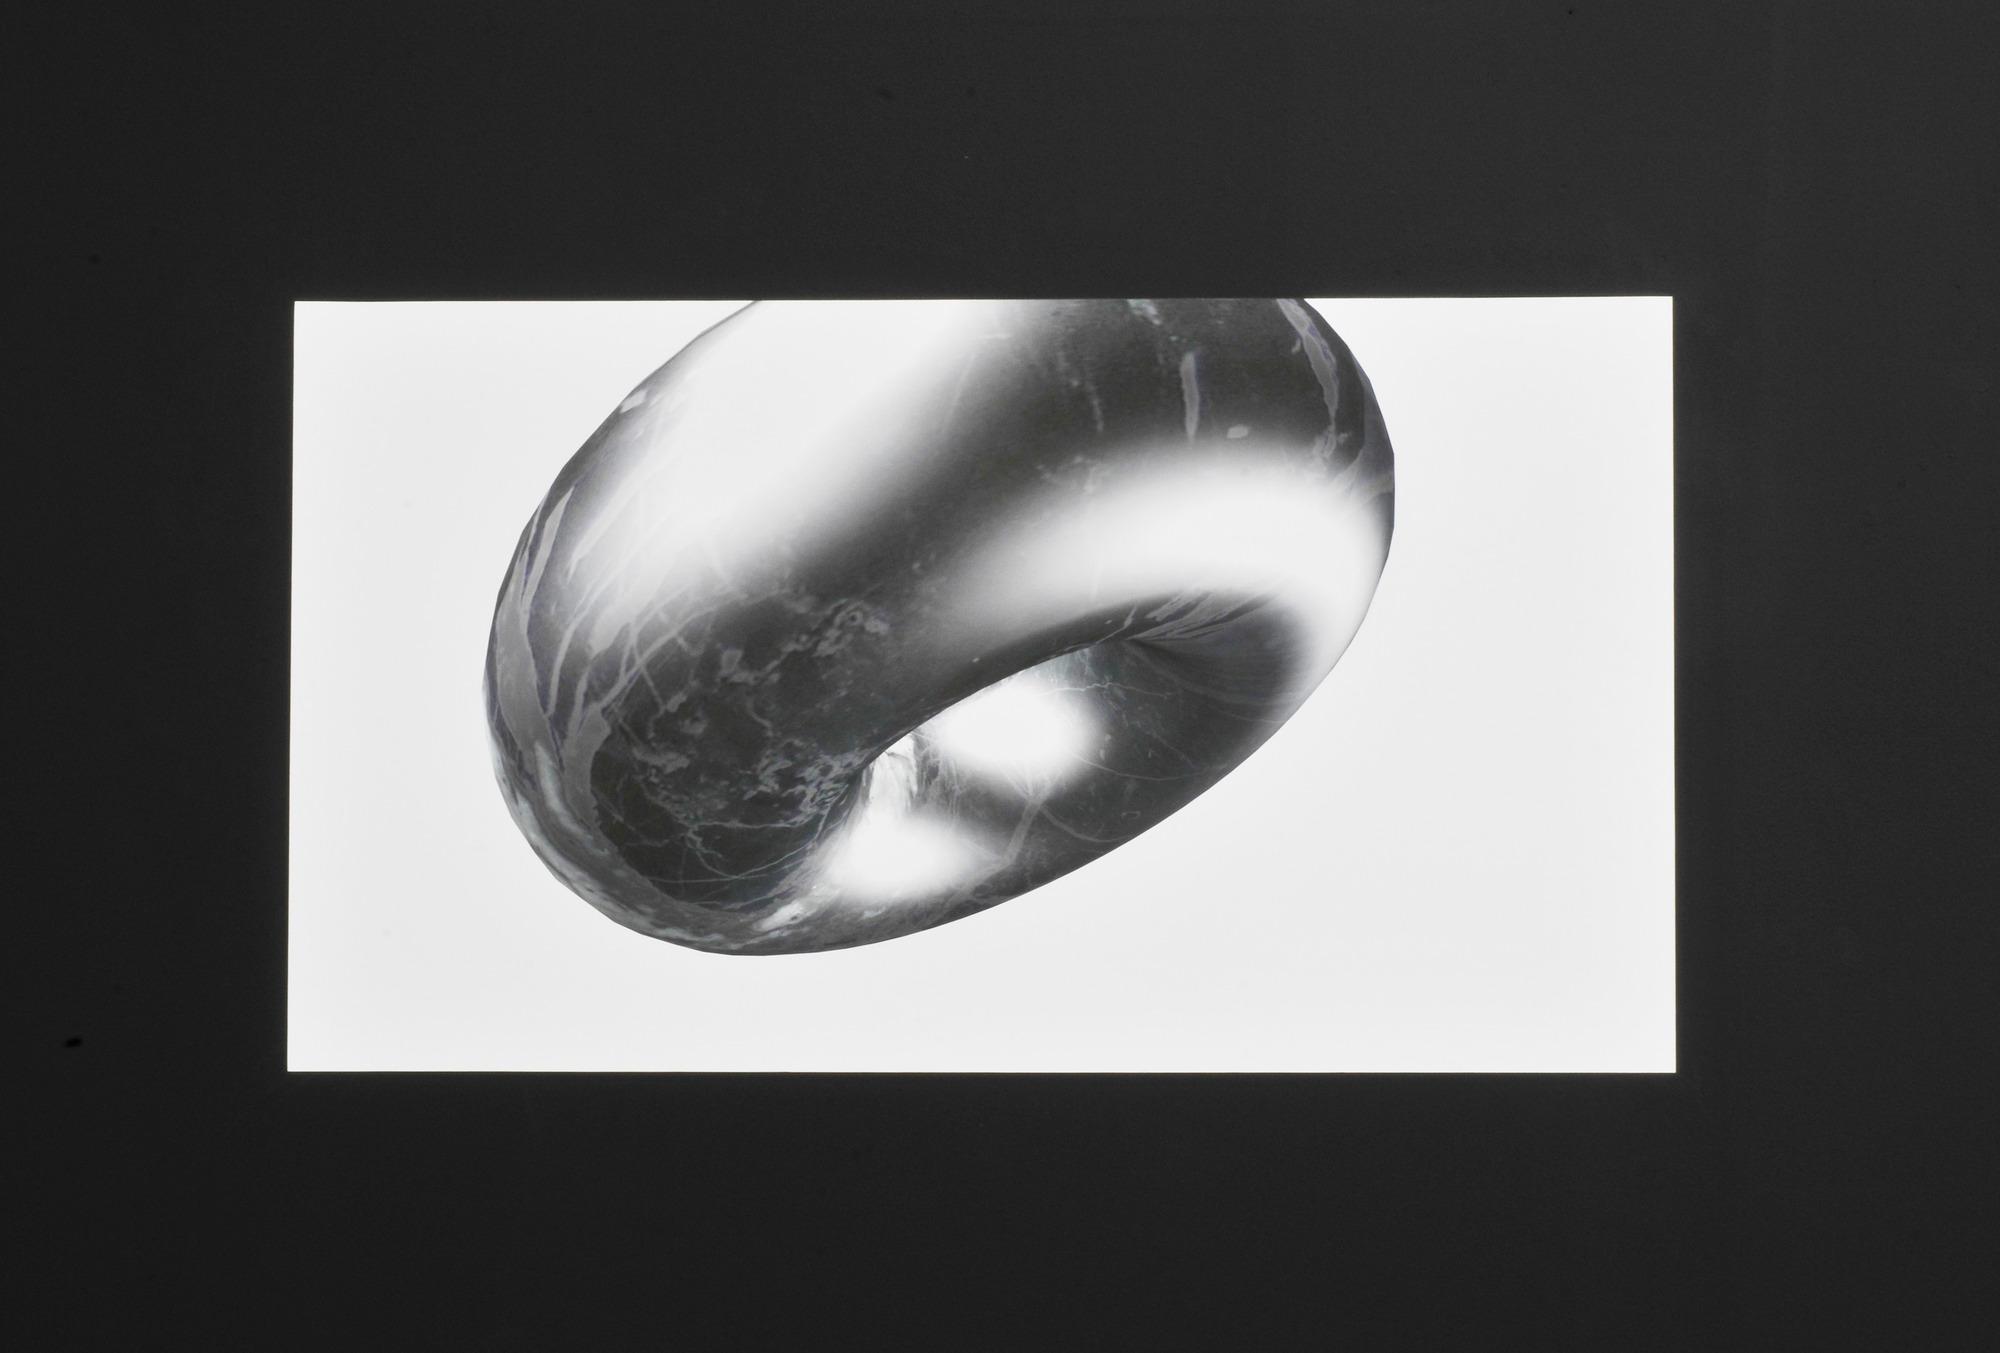 Emanuel Rossetti - Untitled Filmstill, 2015